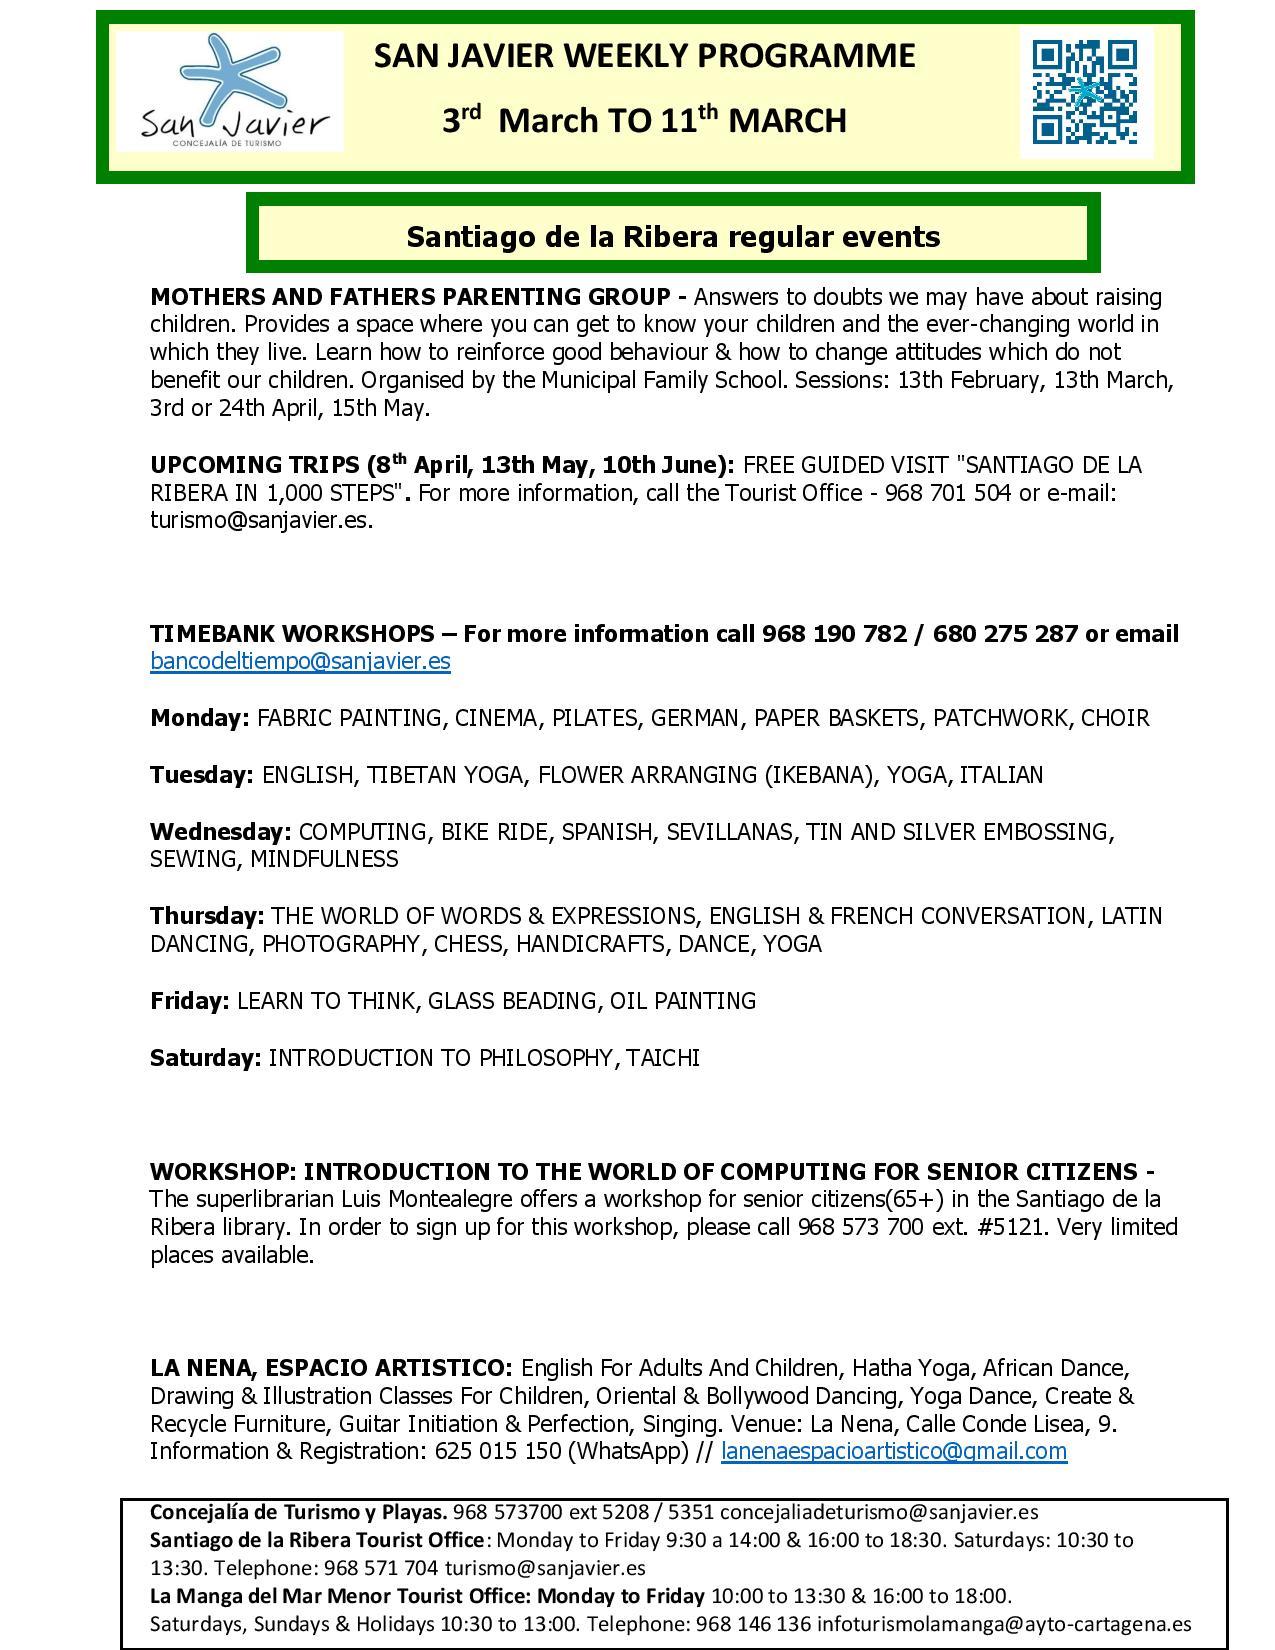 Del 3 al 11 de marzo ingles-page-006